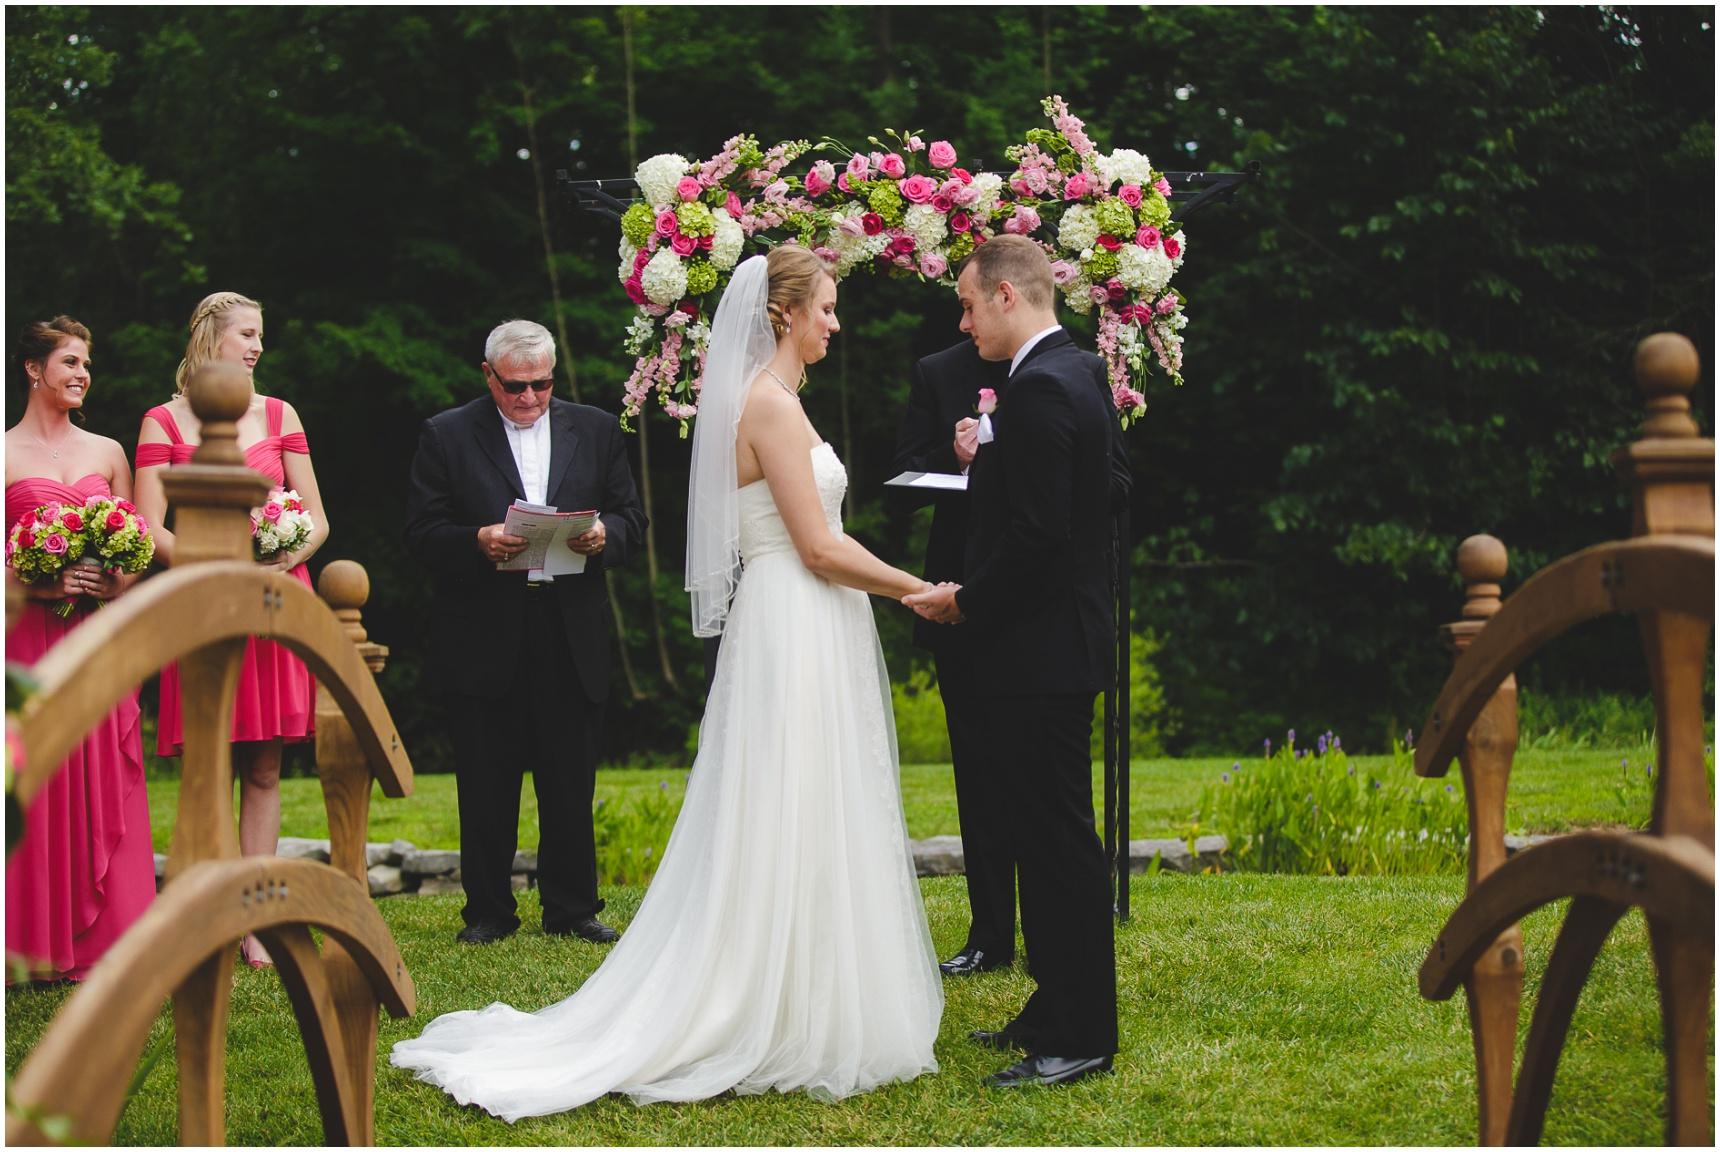 Buffalo-Avanti-Wedding-Photographer_024.jpg